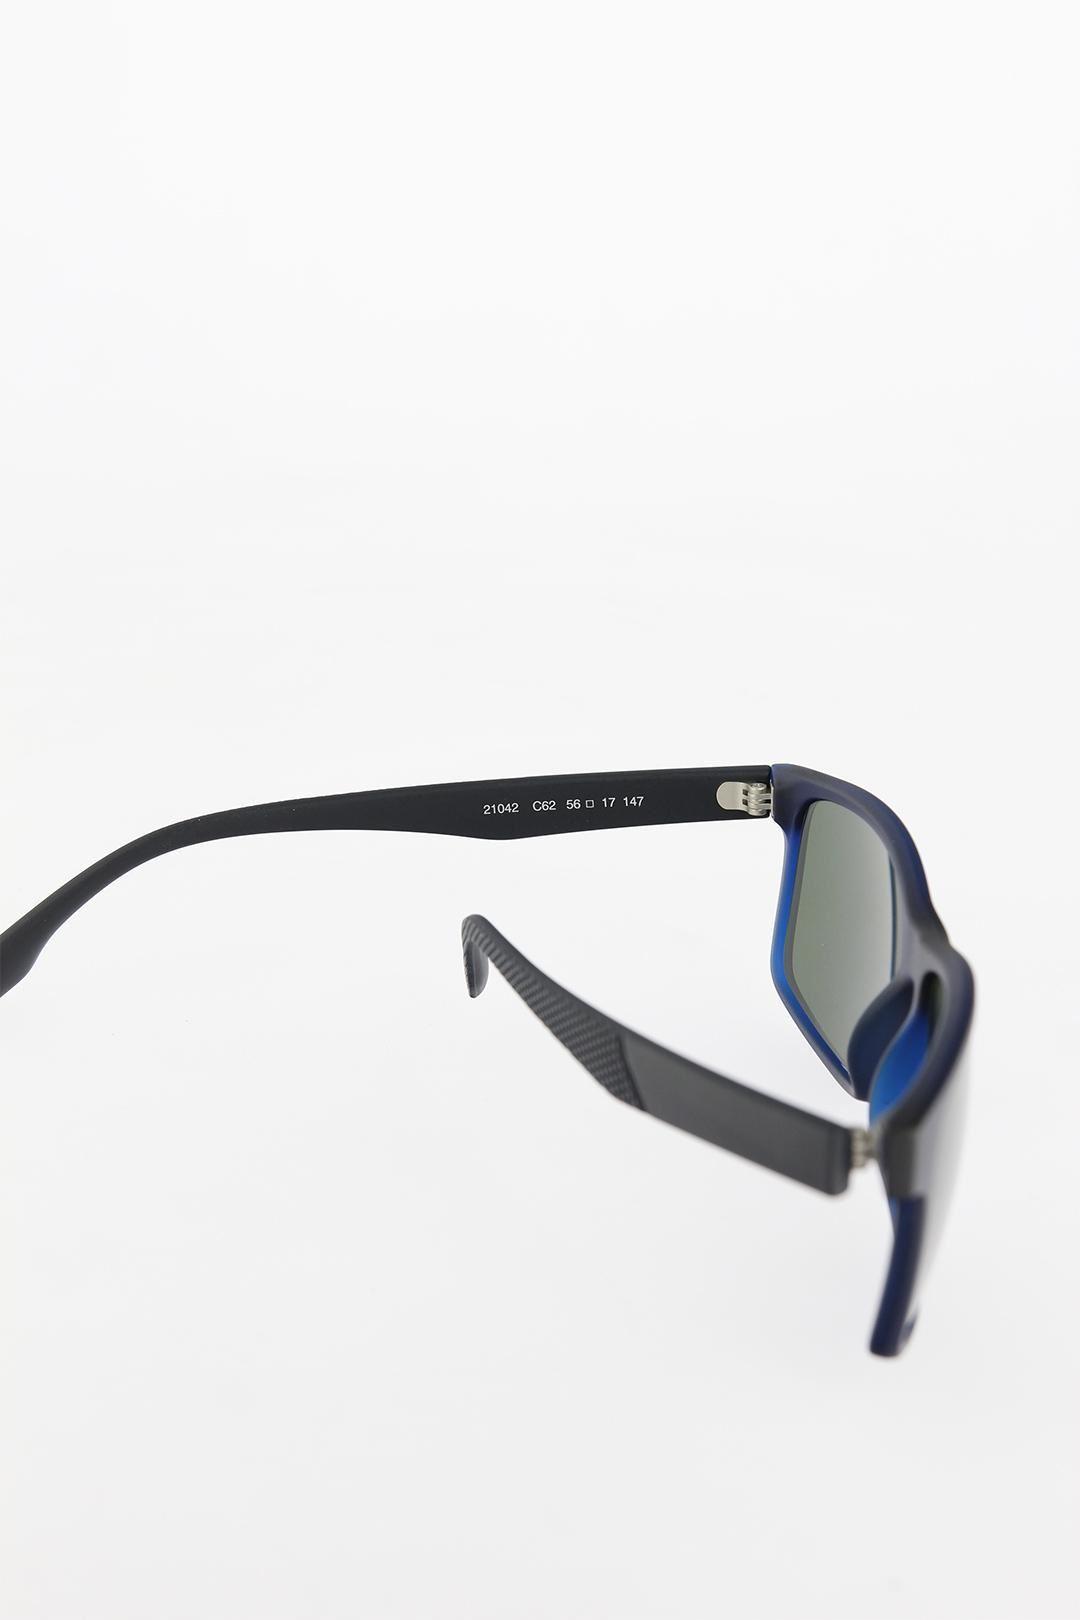 Lacivert Renk Çerçeveli Siyah Saplı Erkek Güneş Gözlüğü